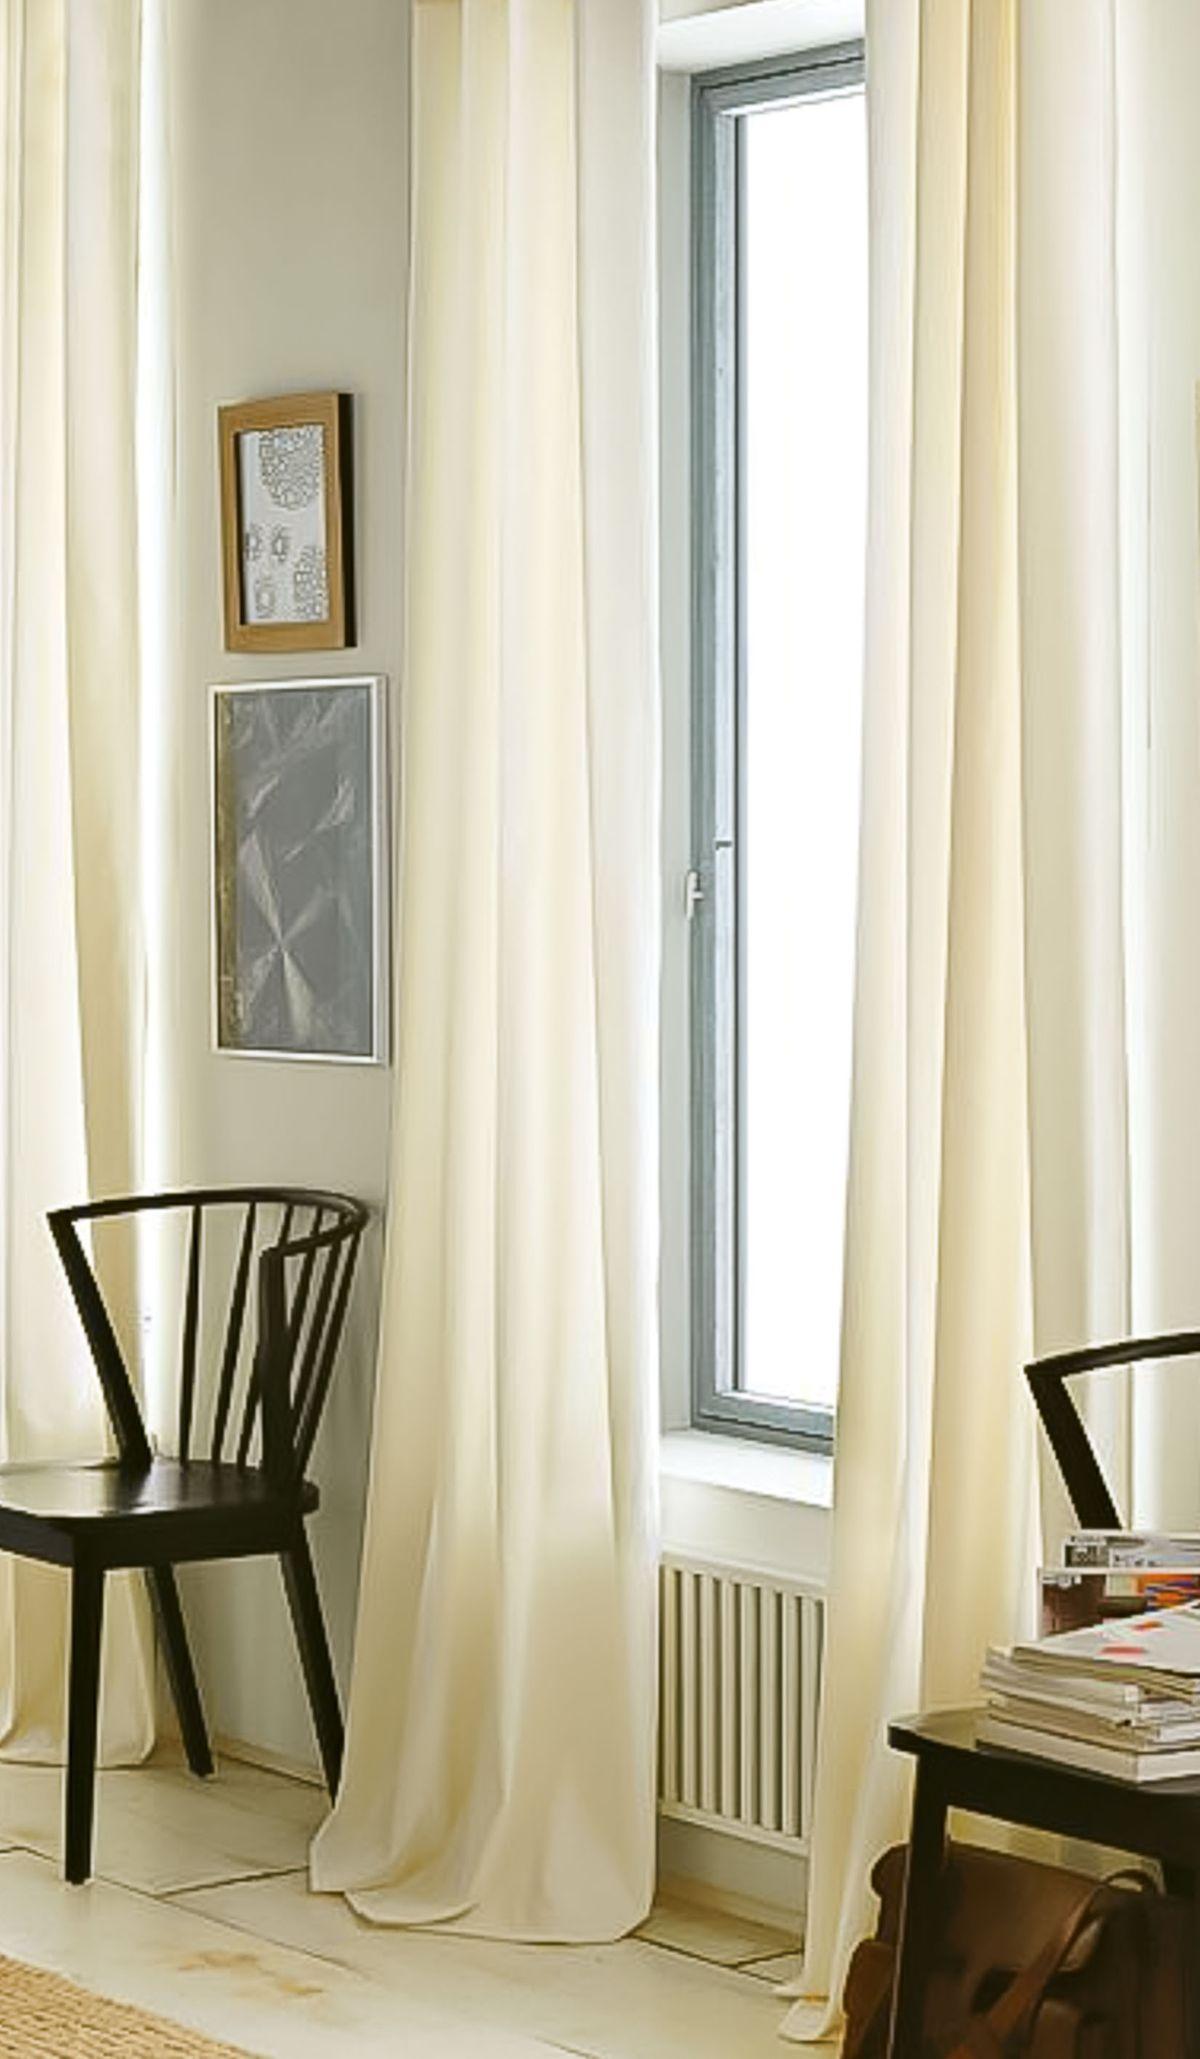 Штора готовая Garden, на ленте, цвет: бежевый, высота 260 см. С 535898 300х260 V11705526Изящная штора Garden выполнена из ткани с оригинальной структурой - микровуаль. Приятная текстура и цвет штор привлекут к себе внимание и органично впишутся в интерьер помещения. Штора крепится на карниз при помощи ленты, которая поможет красиво и равномерно задрапировать верх.